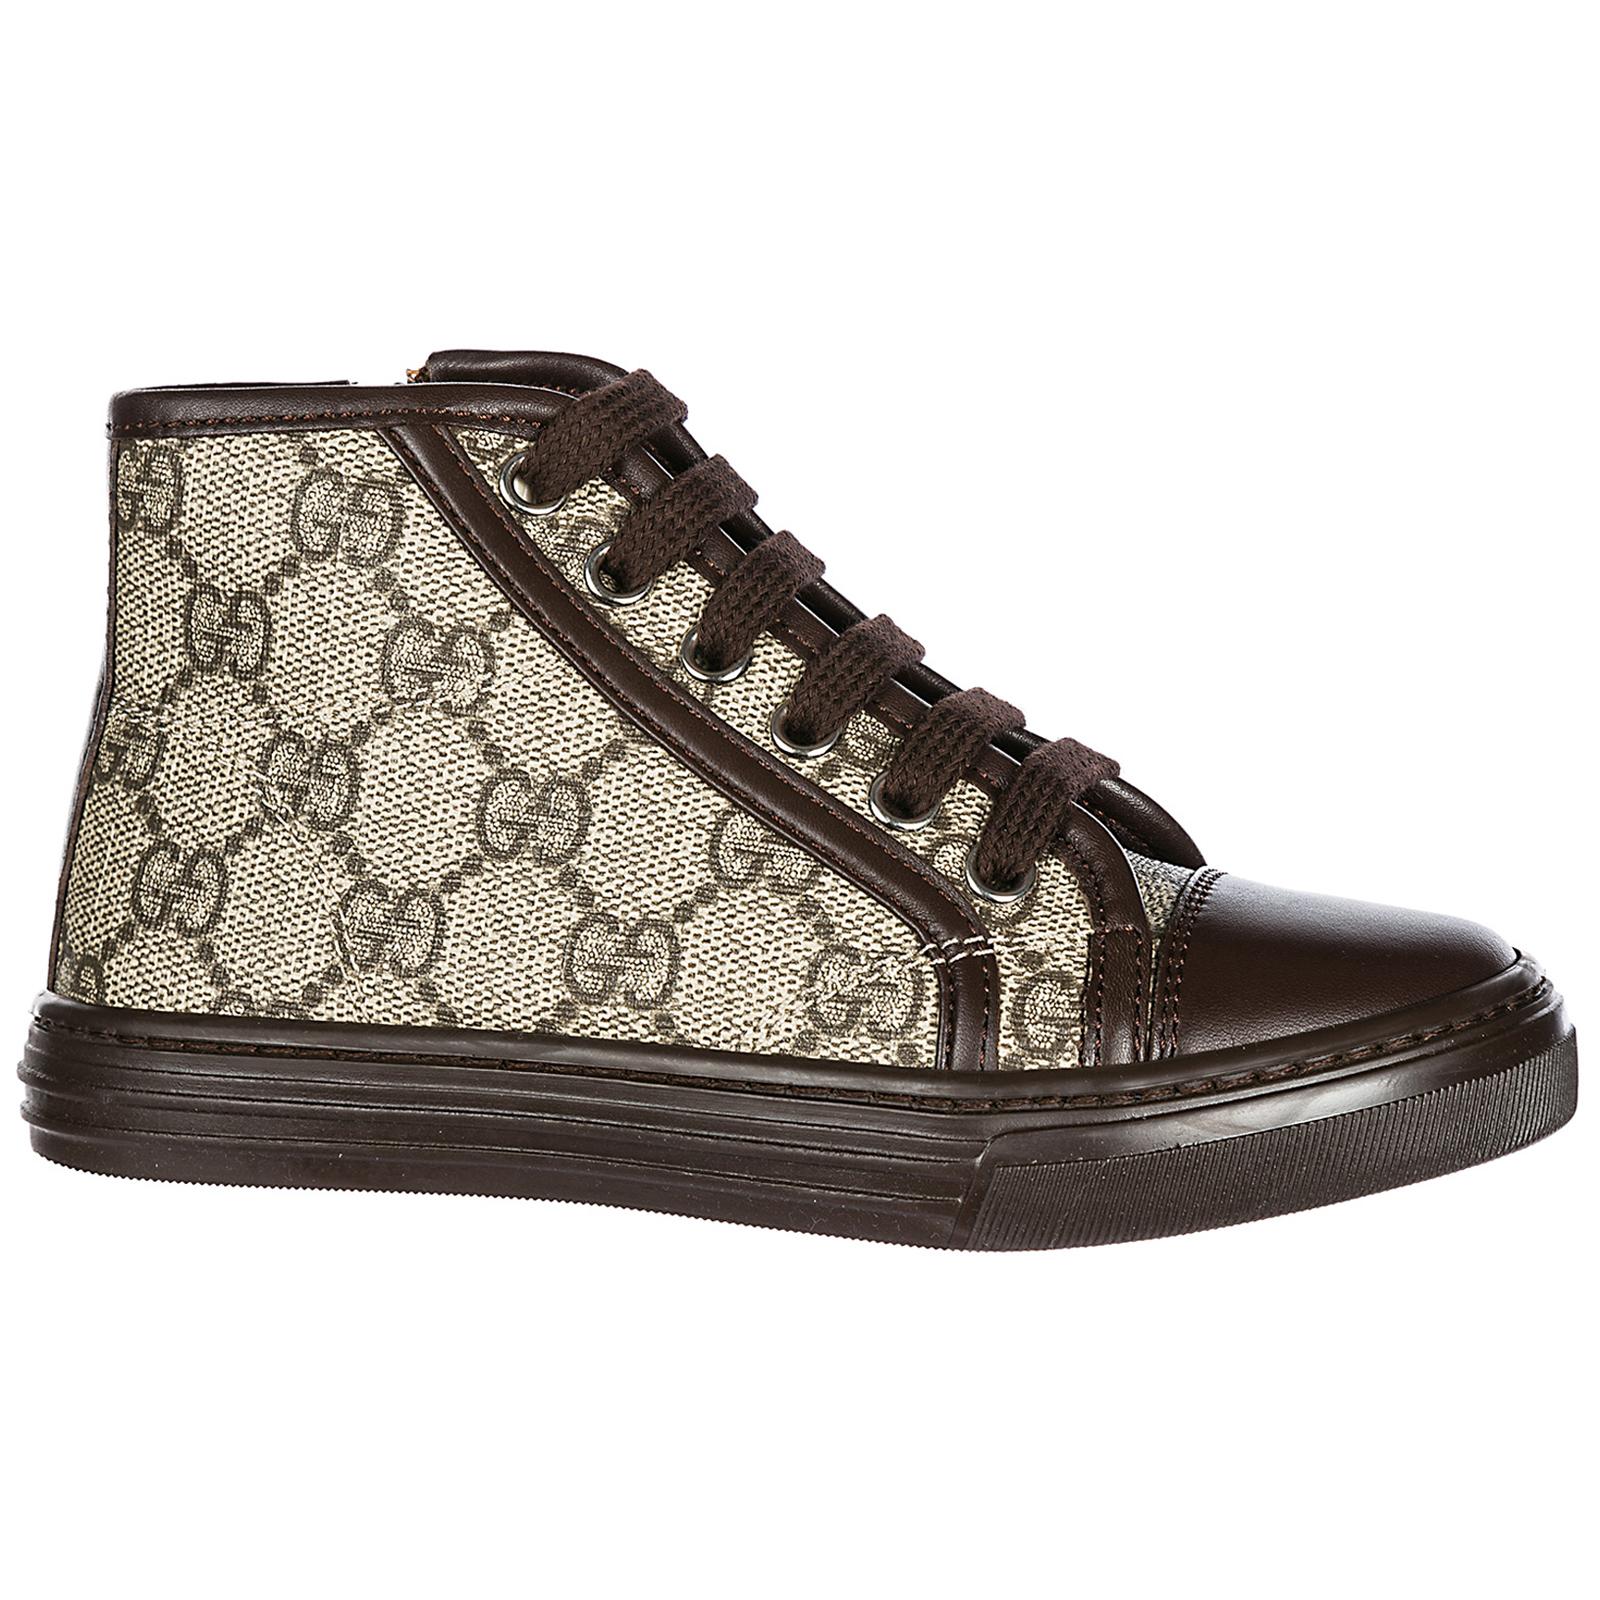 73e5968caed6b Sneakers alte Gucci 313057KLQ309799 beige ebony + cocoa